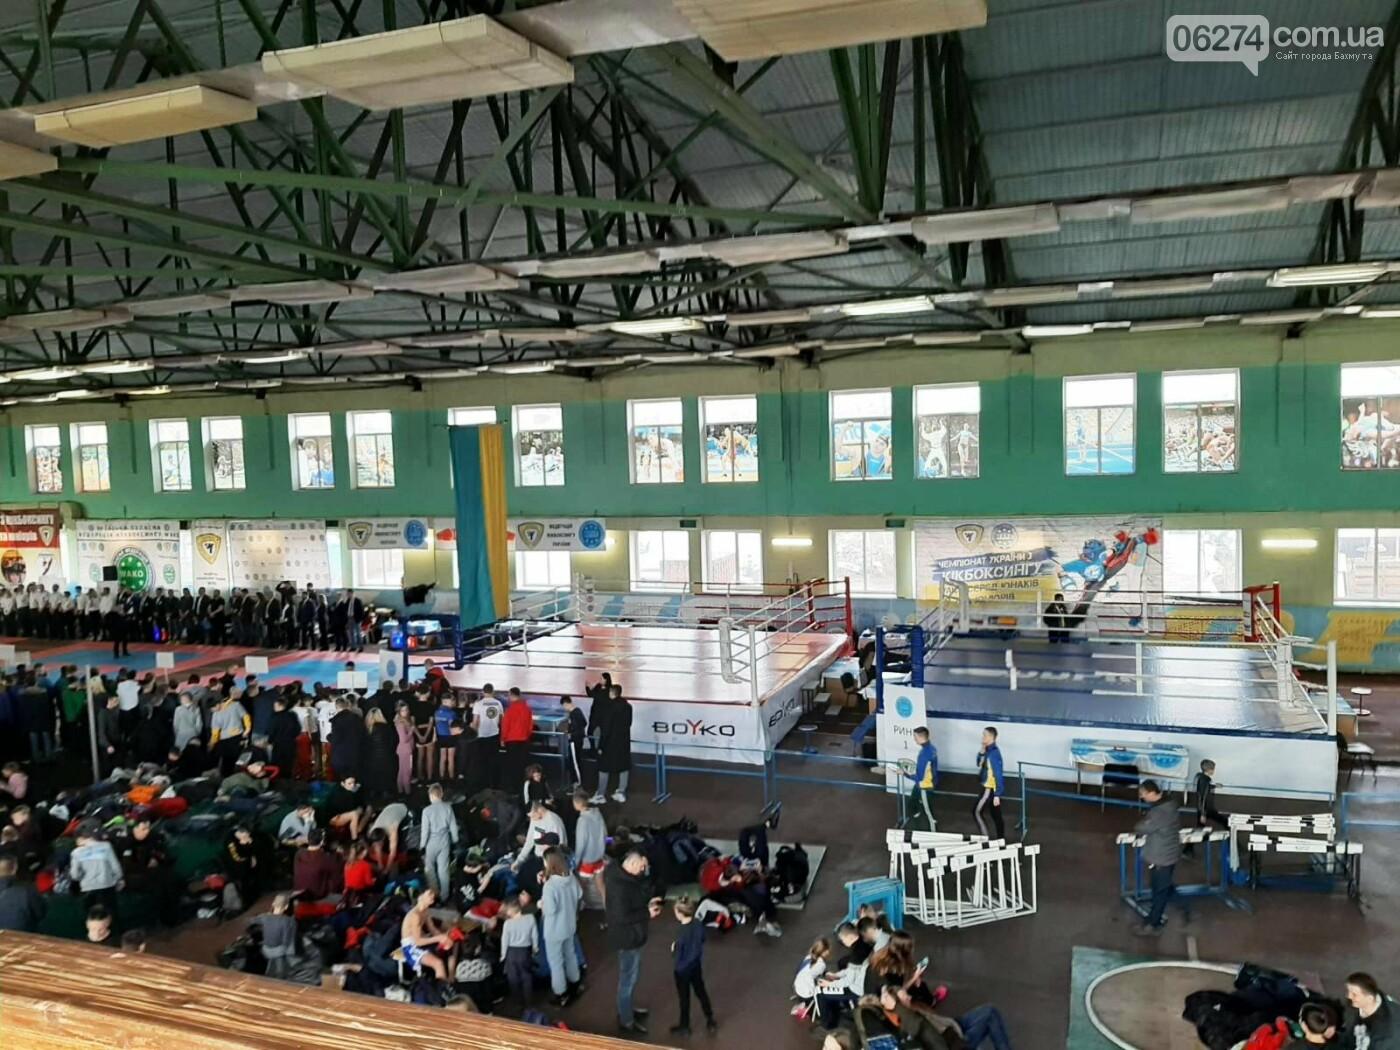 Бахмутчане завоевали призовые места на чемпионате Украины по кикбоксингу, фото-5